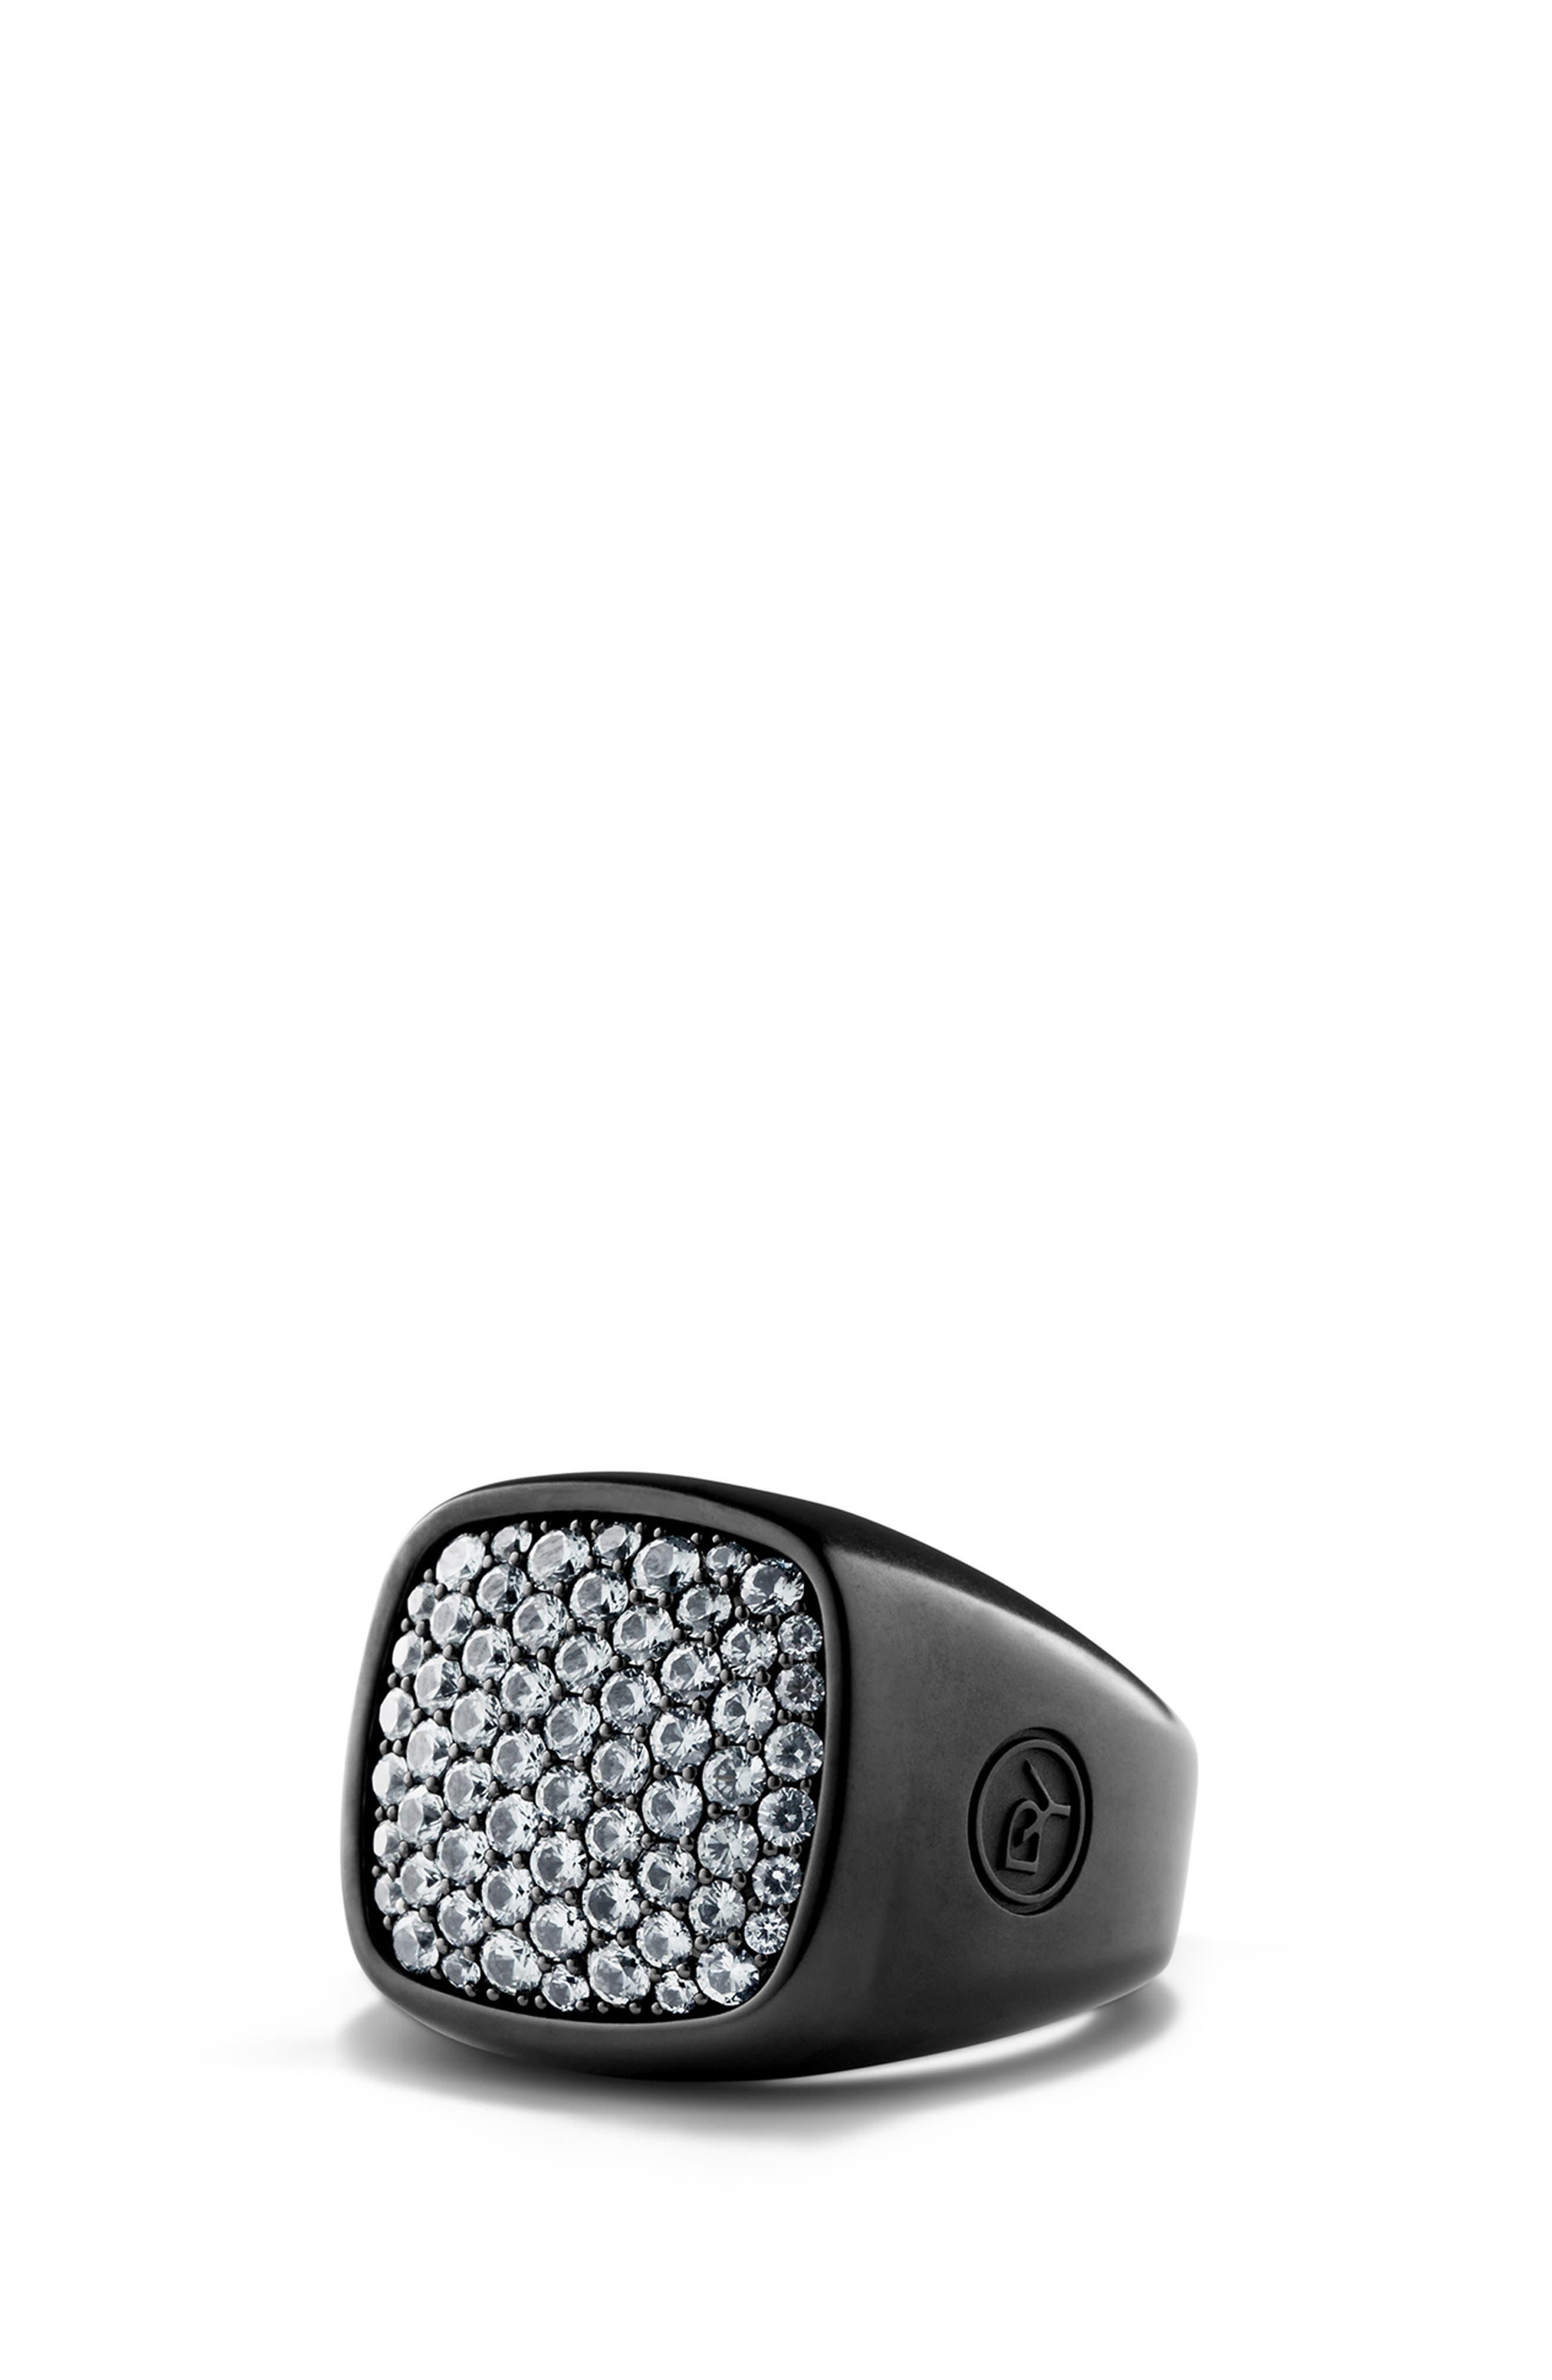 Main Image - David Yurman 'Pavé' Ring with Precious Stones